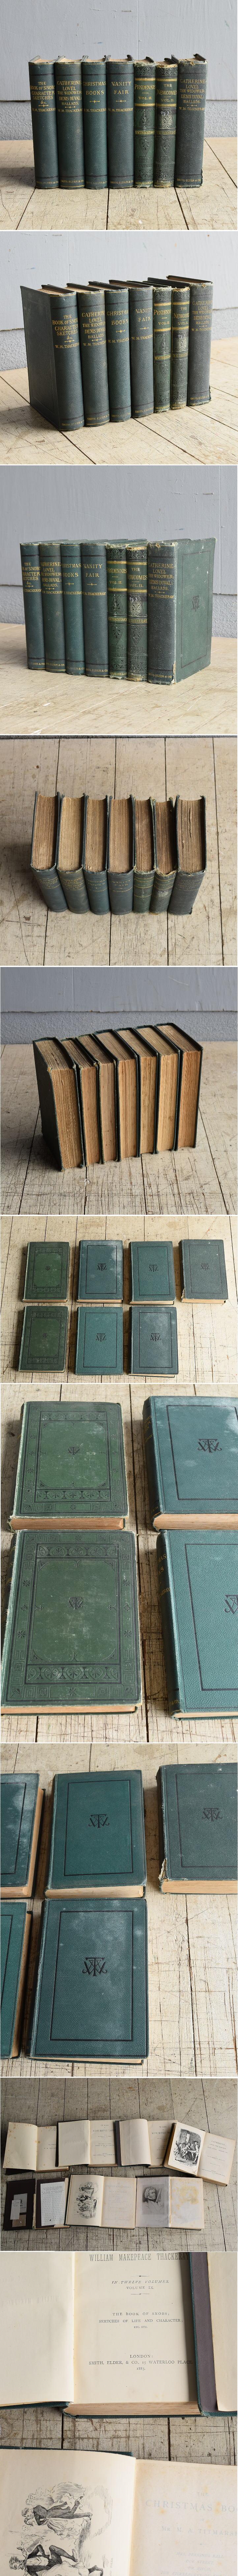 イギリス アンティーク ブック 本 洋書 7冊セット ディスプレイ 8267